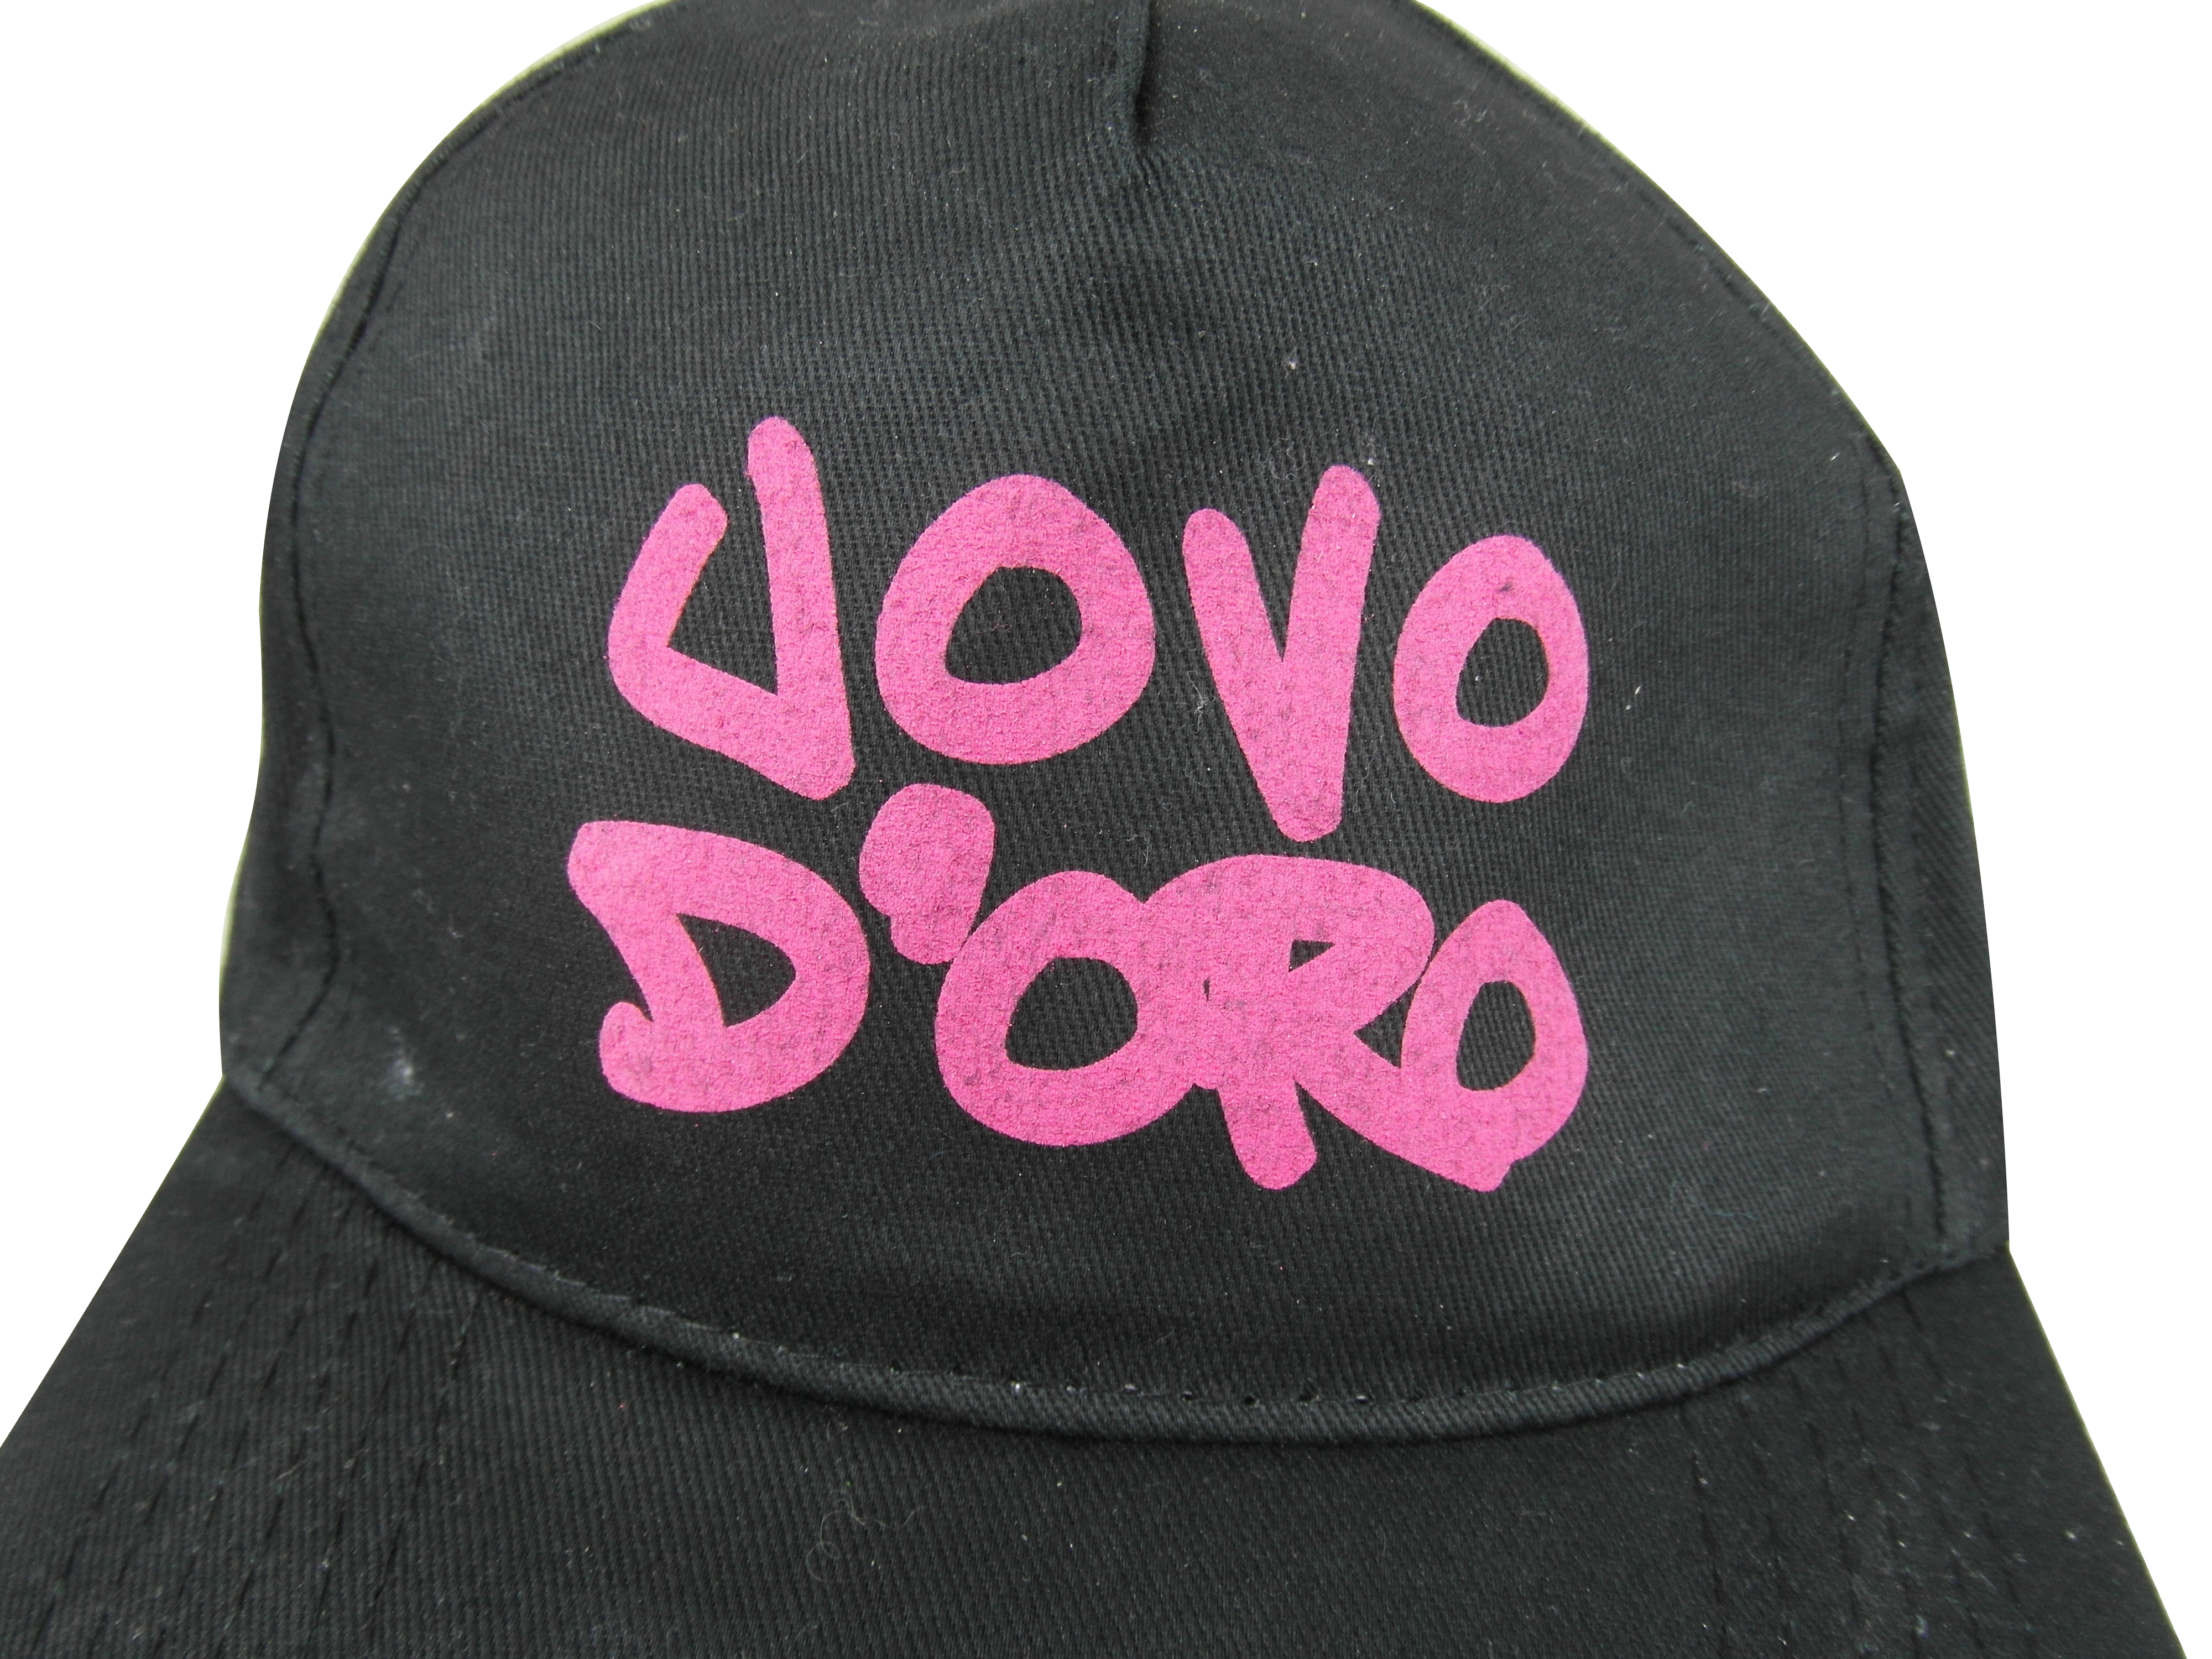 Uovo-Doro-AUDI